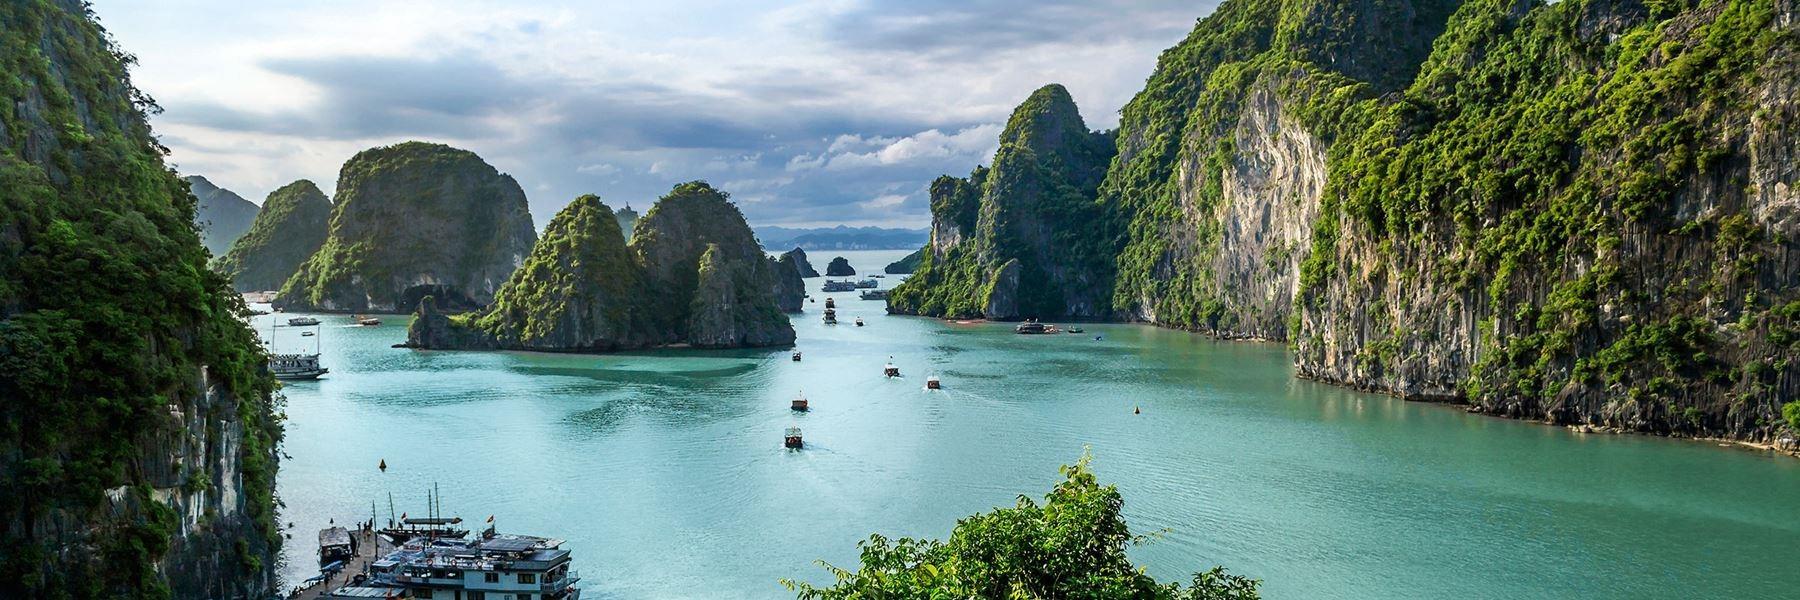 Adı Savaşla Anılan Ülkeler: Vietnam - Kamboçya (2. Grup)